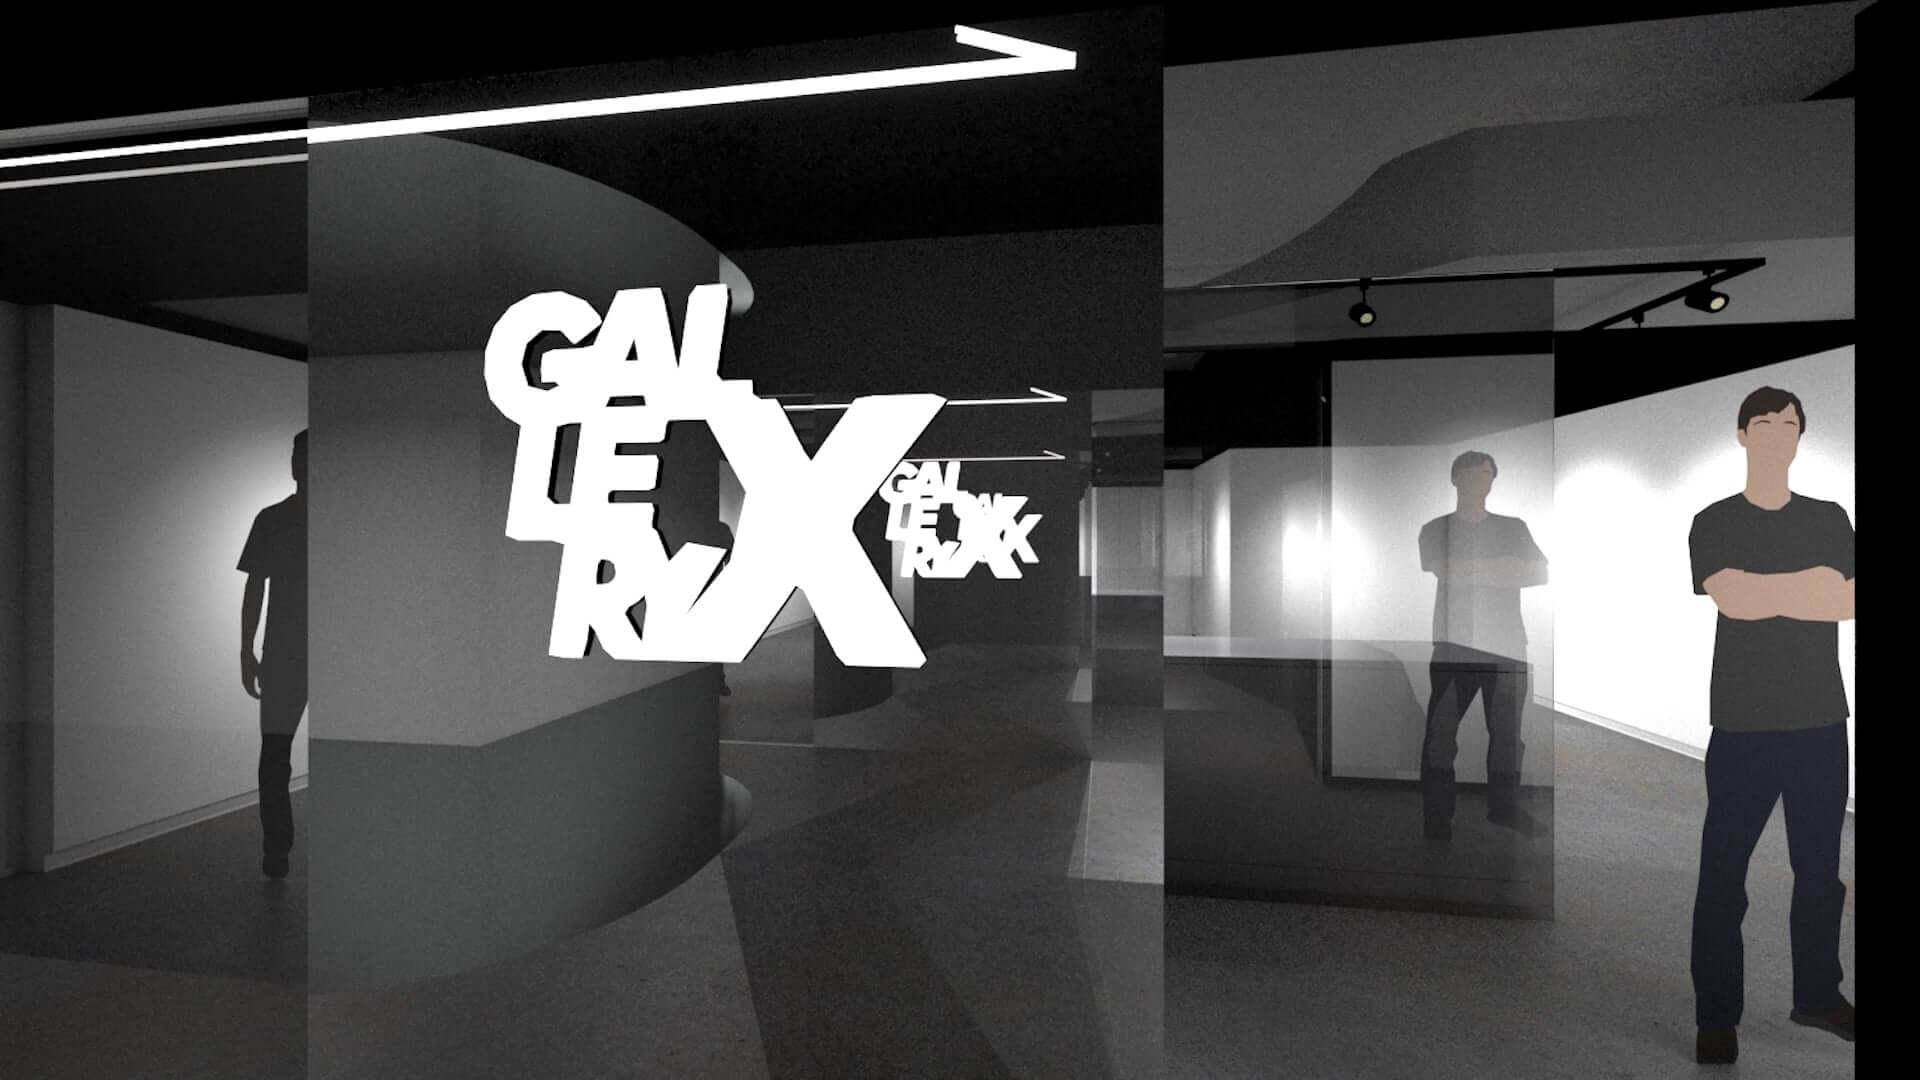 新生渋谷パルコに「GALLERYX」再登場!『AKIRA』展覧会に続いてずん・飯尾和樹や元乃木坂46伊藤万理華らの予定も ArtCulture191016_galleryx_2-1-1920x1080